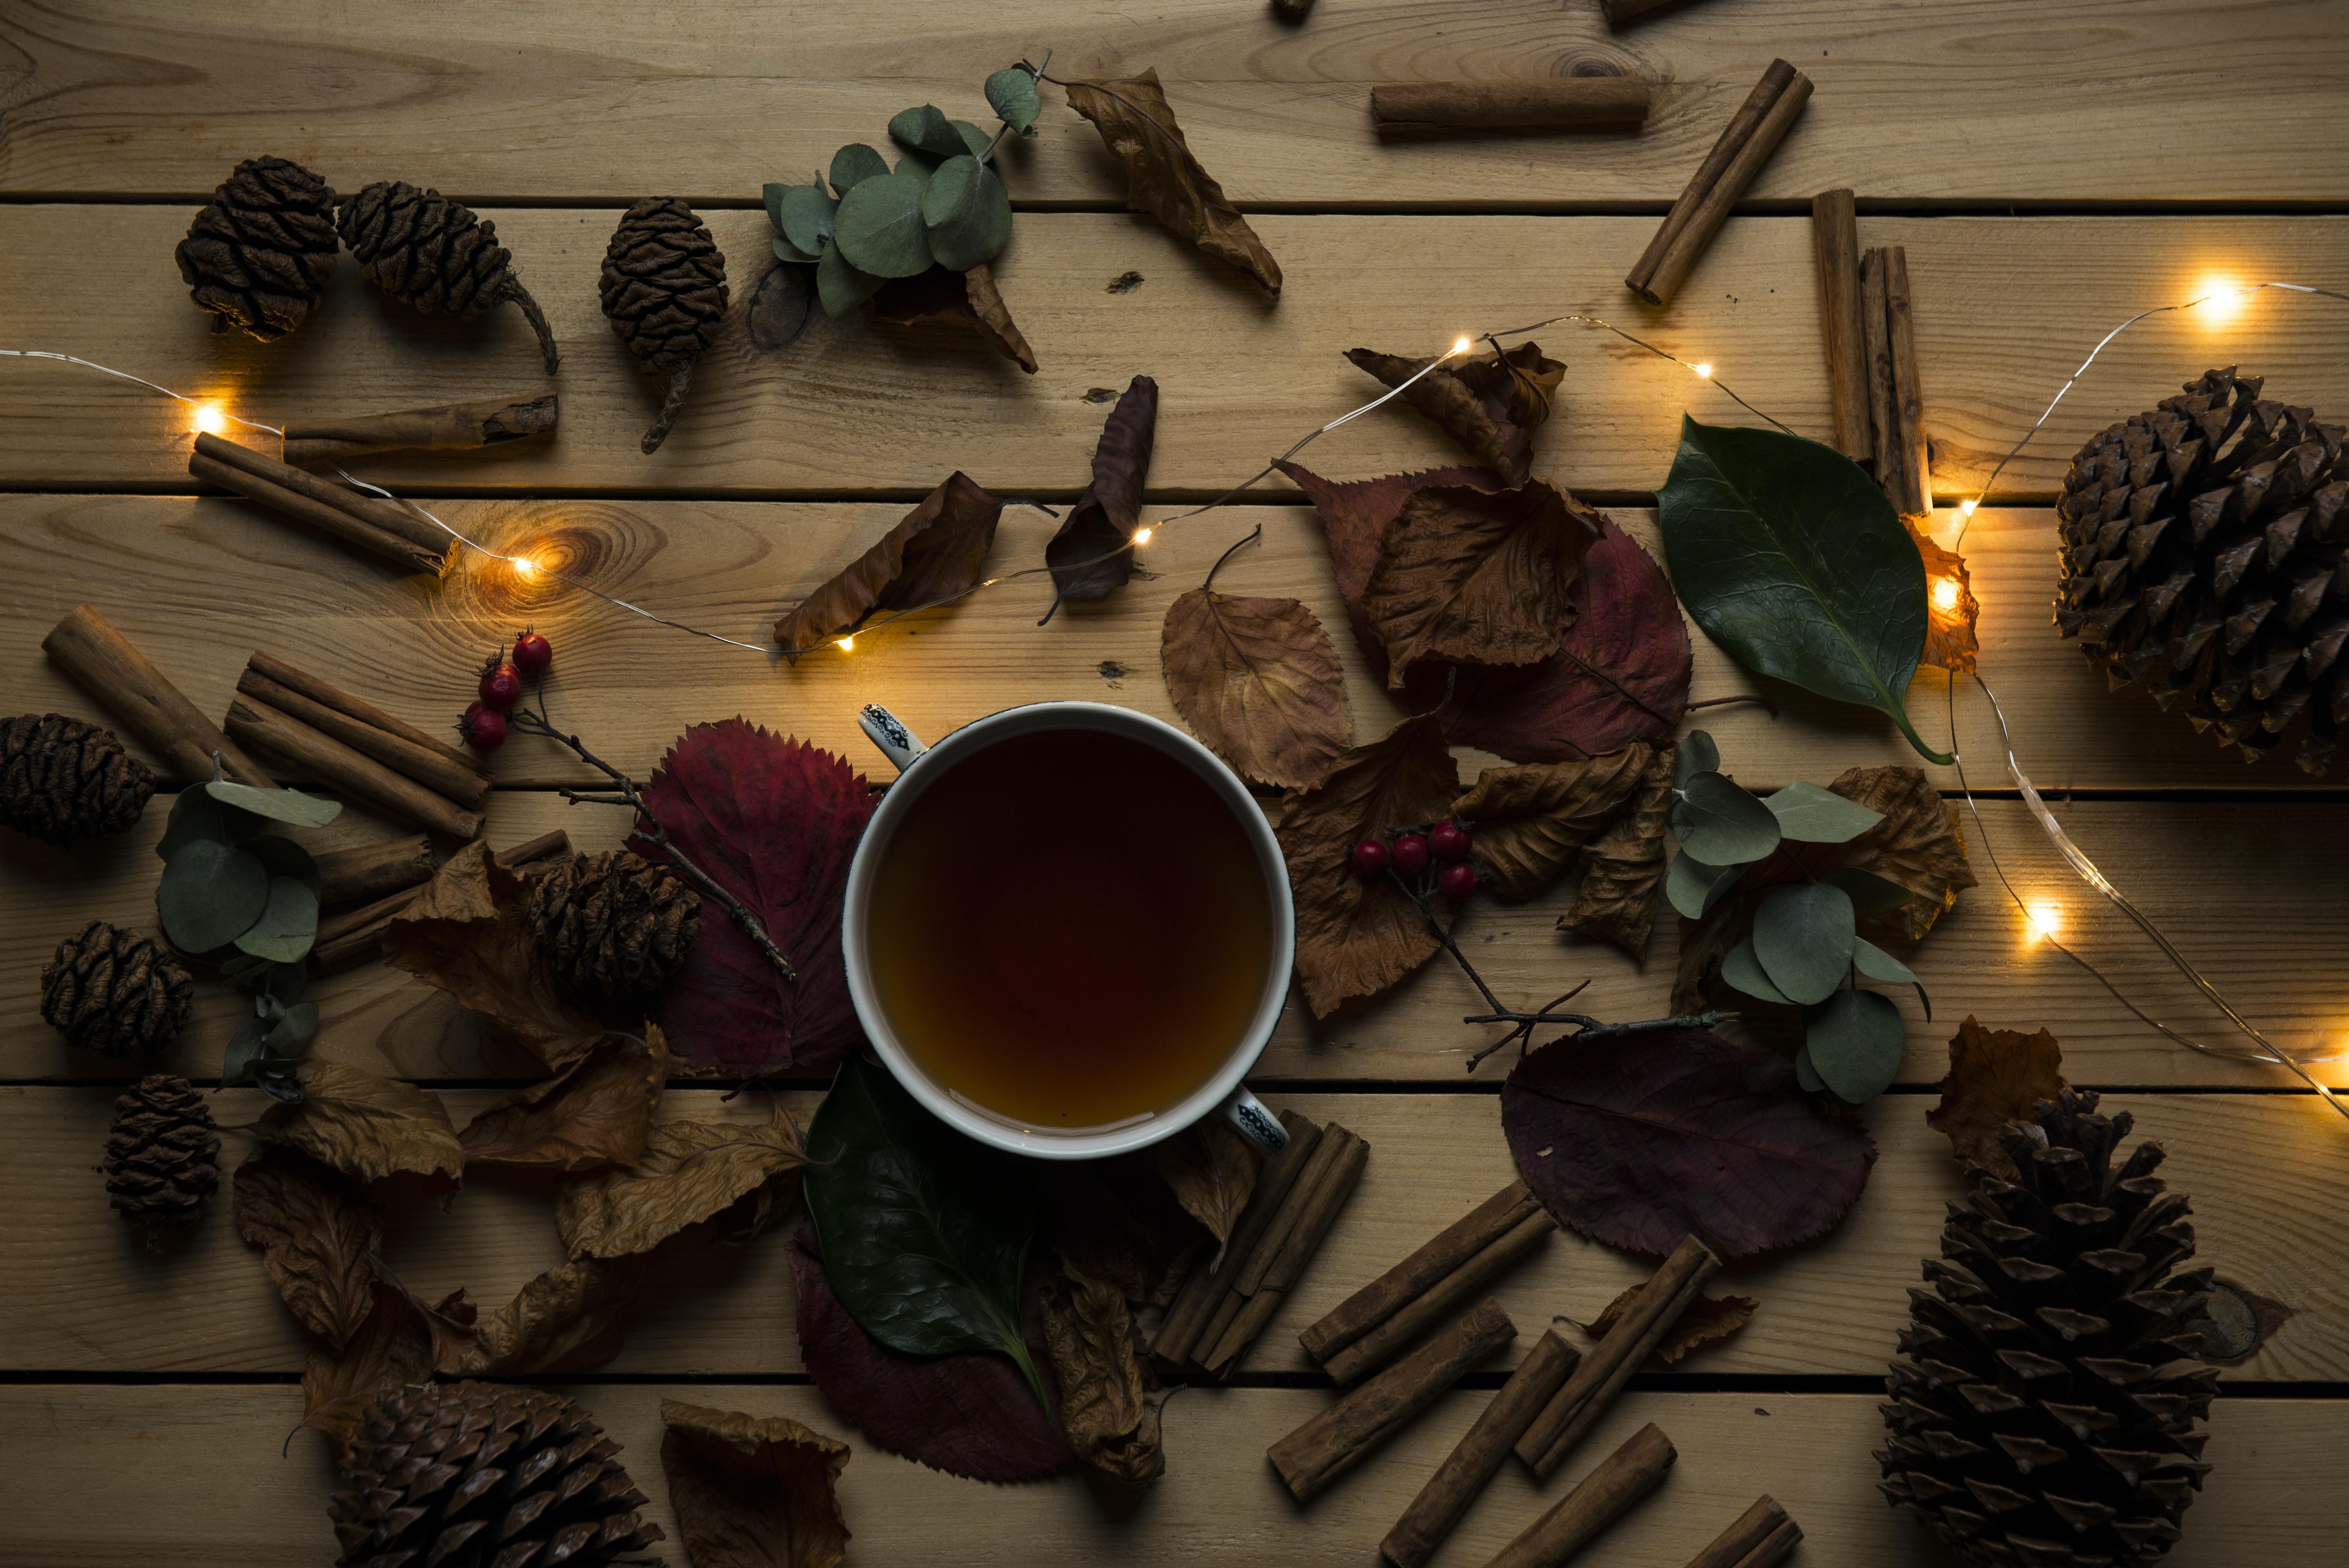 white ceramic mug ner dried leaves and orange string light